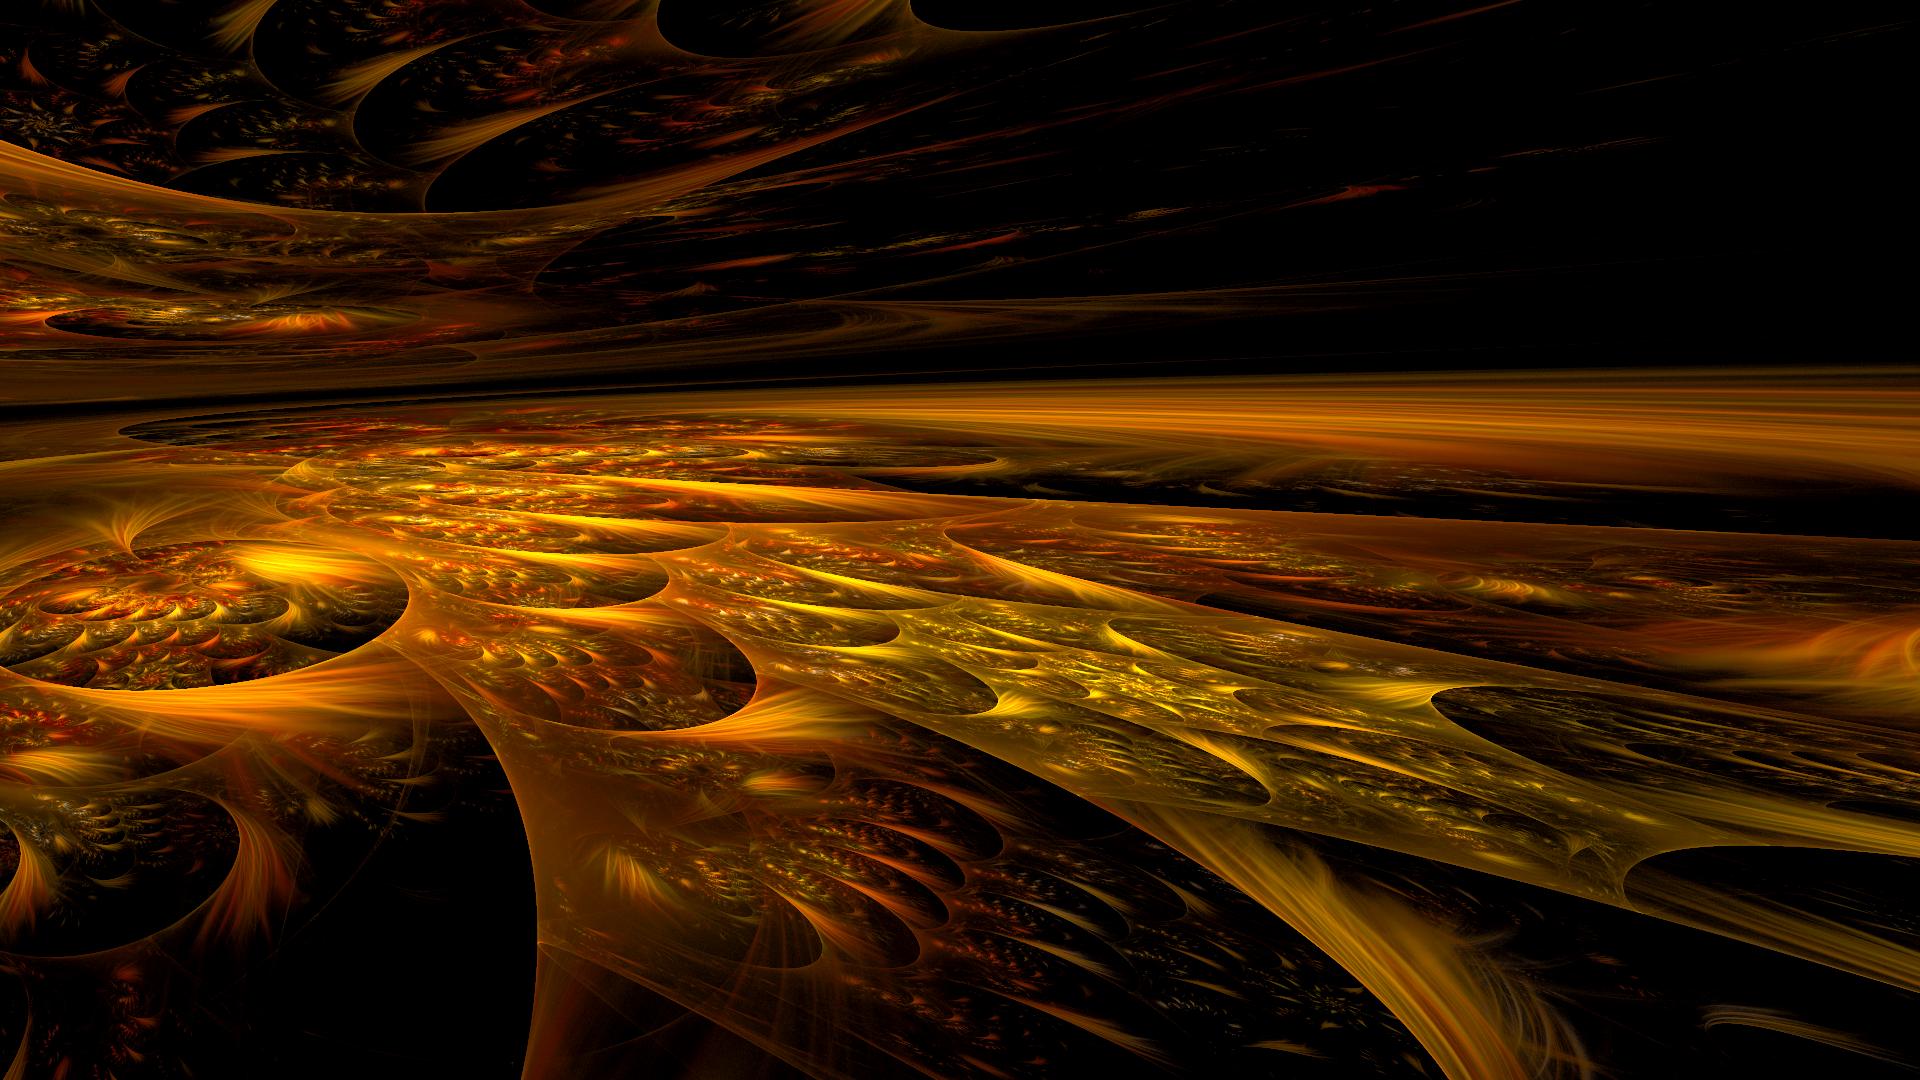 The Spiral Desert by Fractamonium